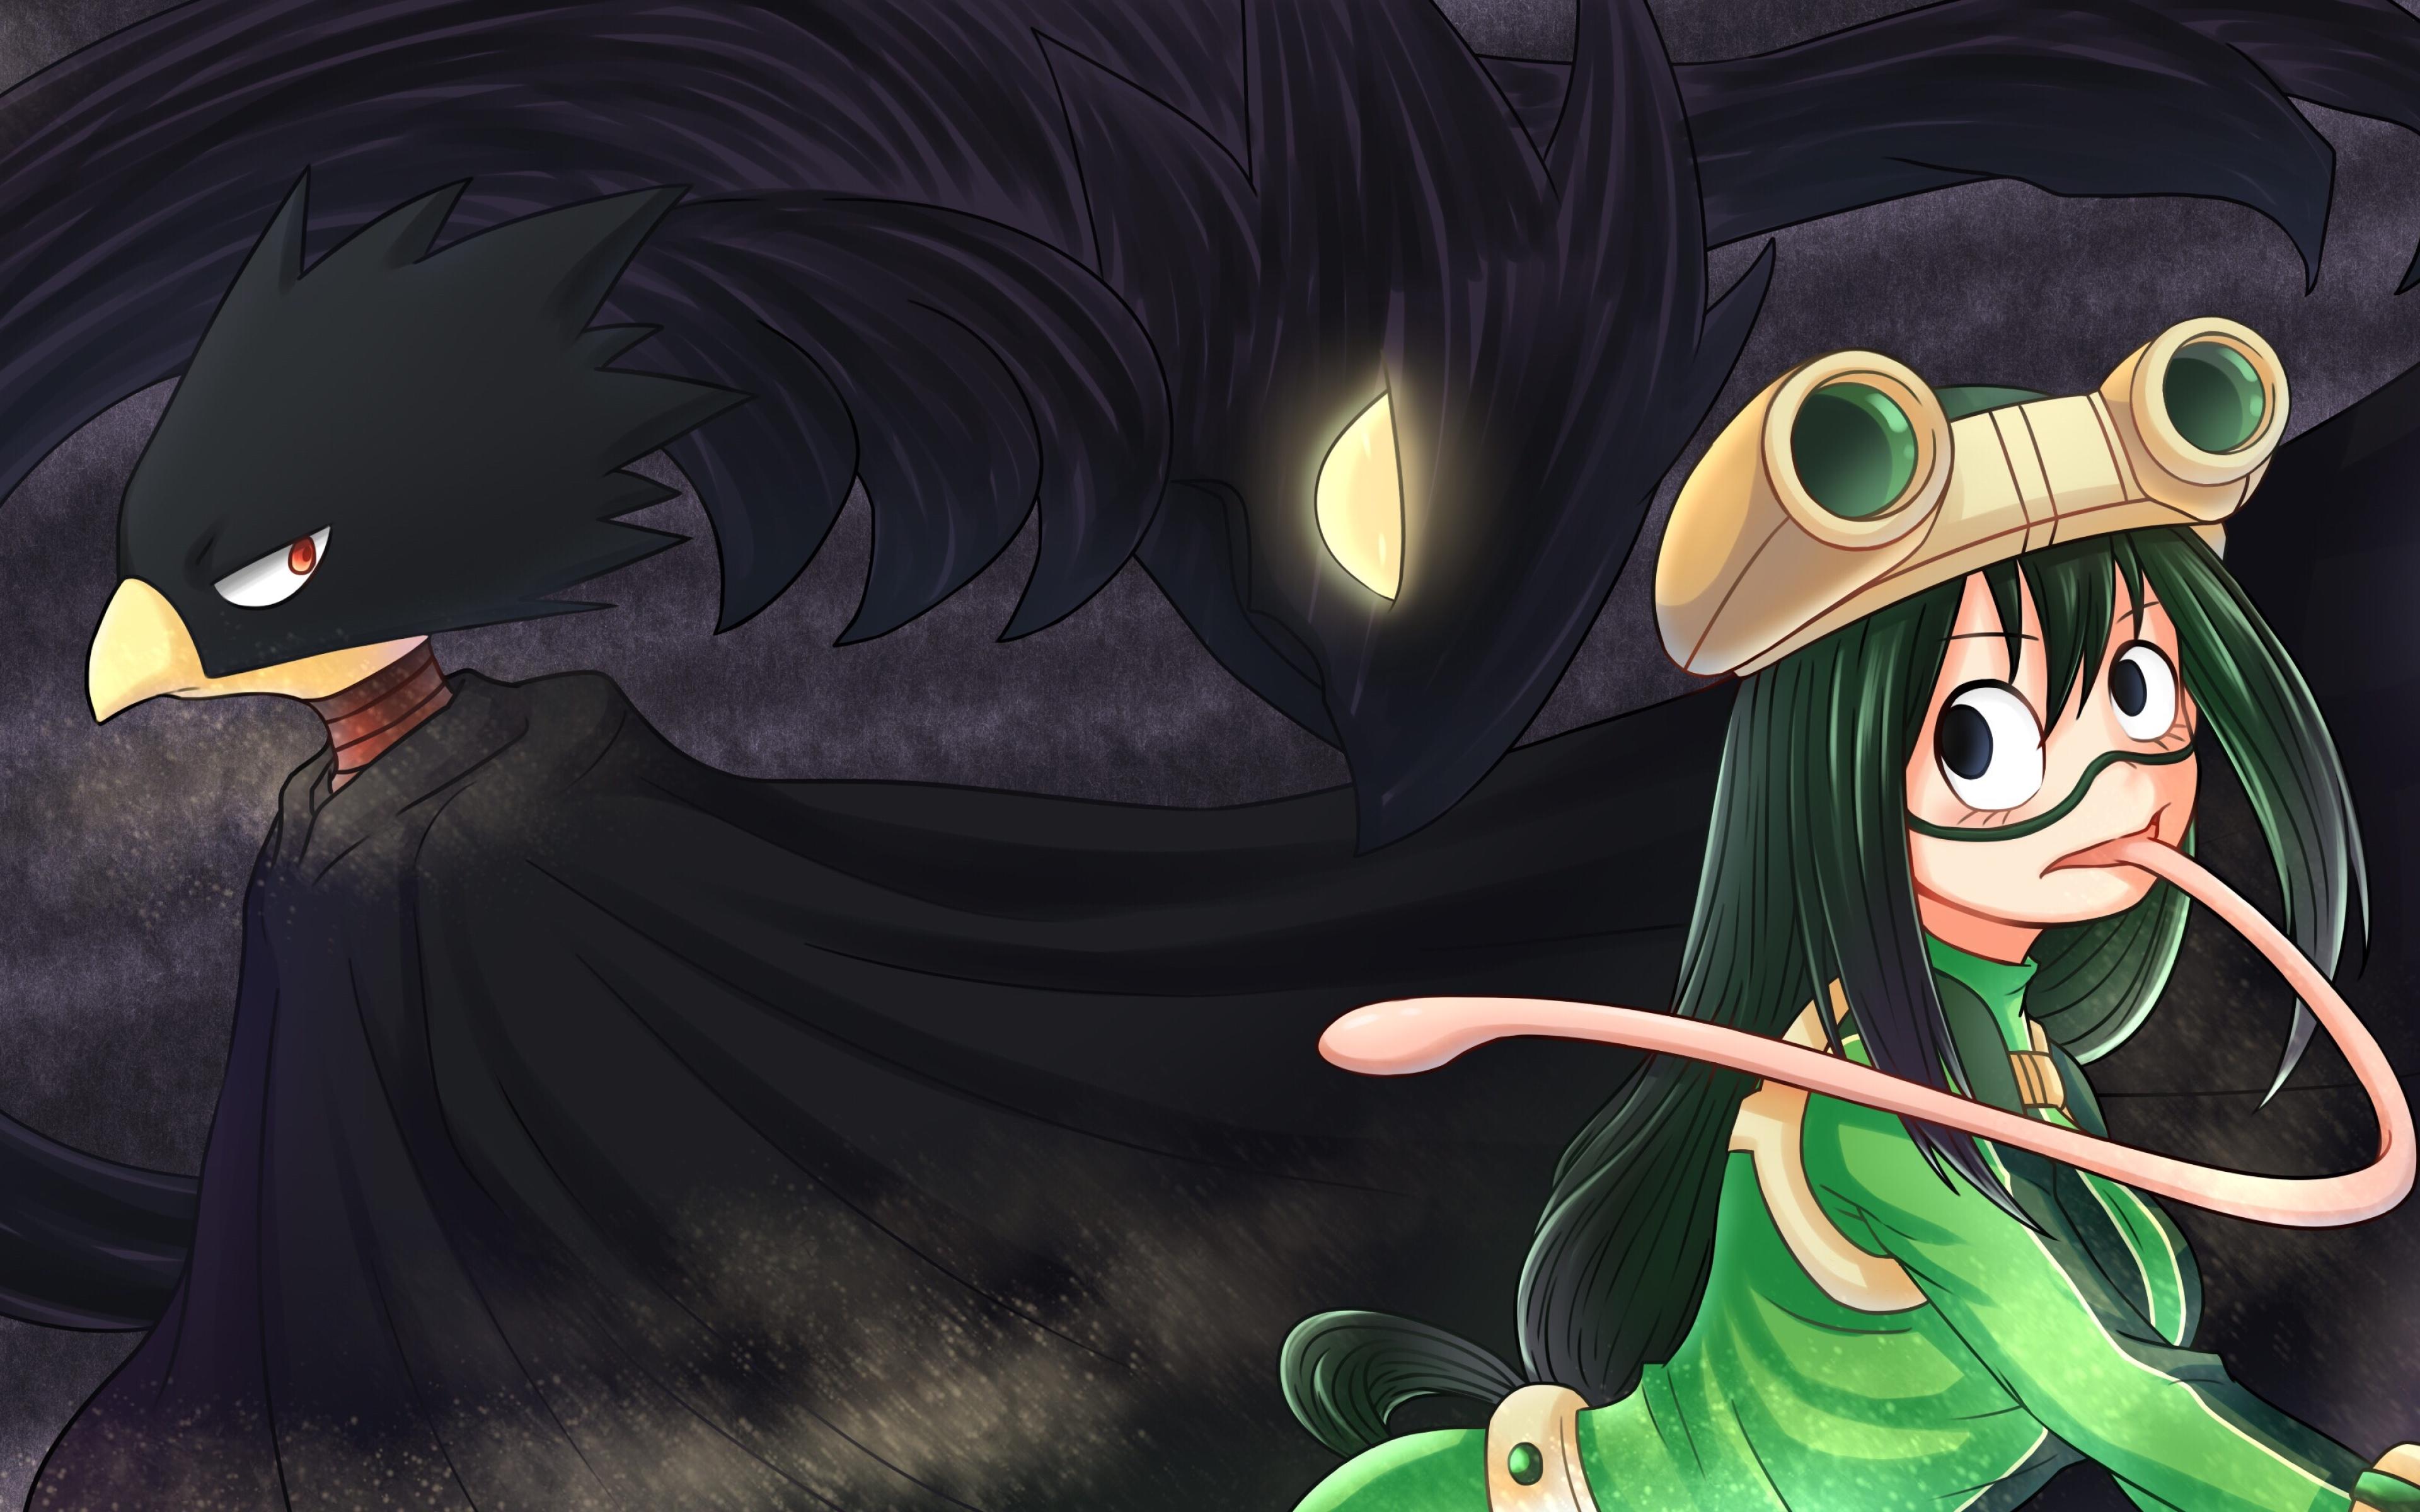 Download wallpapers Tsuyu Asui Fumikage Tokoyami Boku no Hero 3840x2400